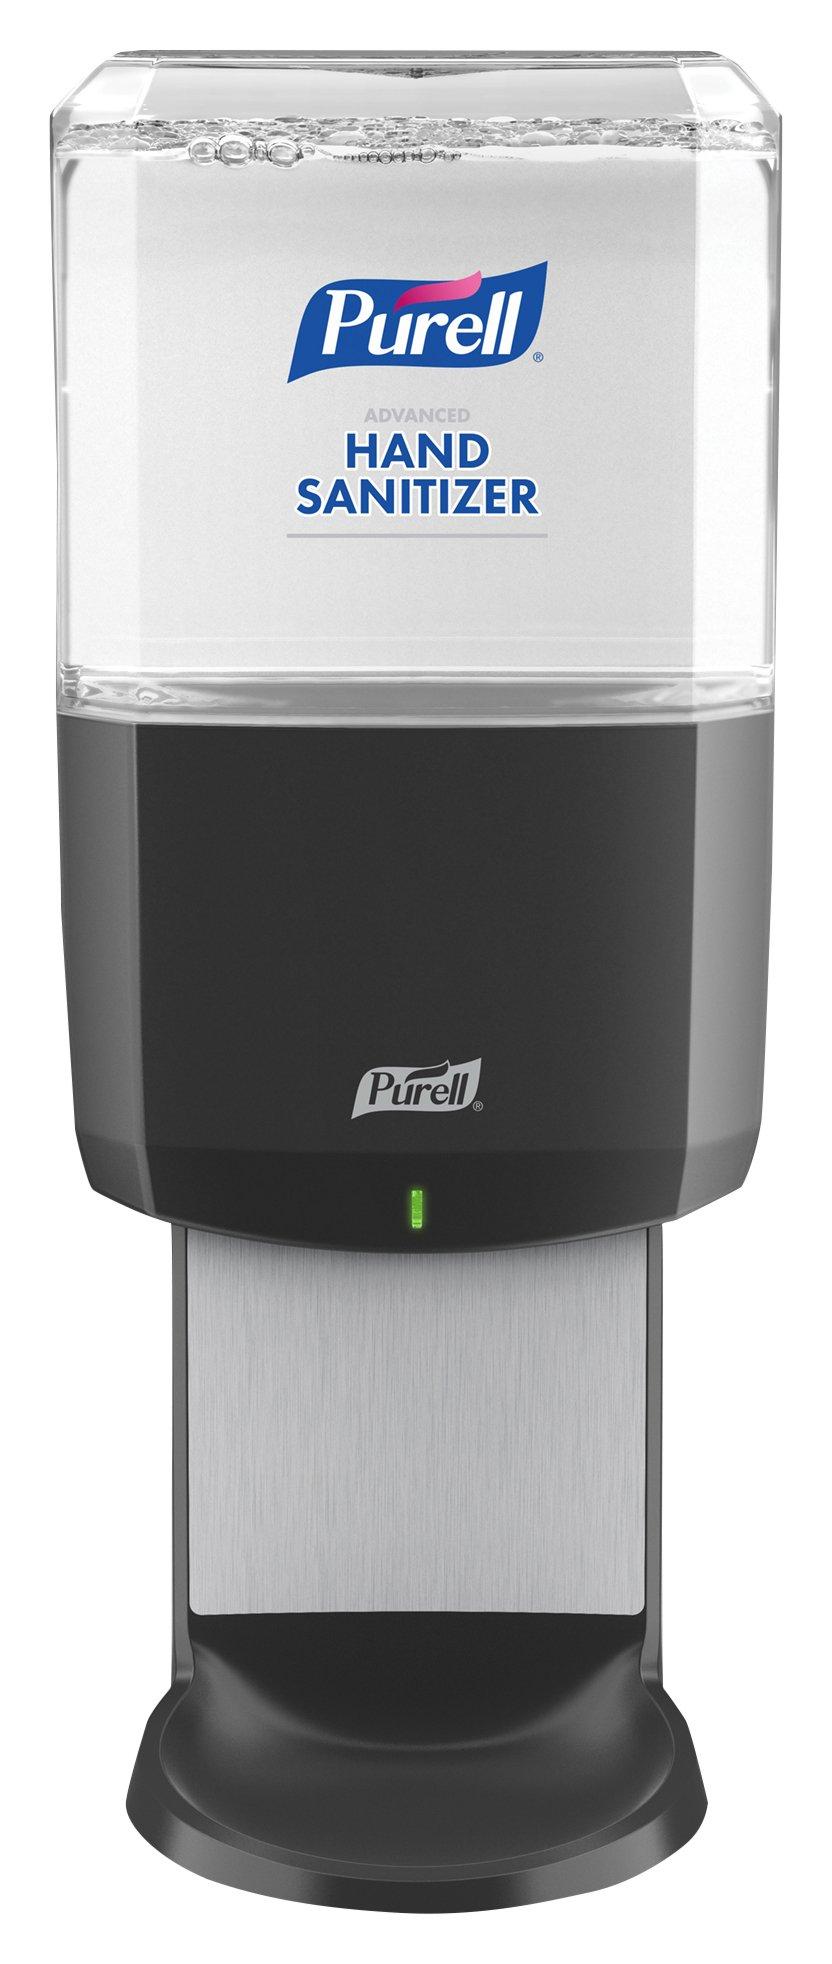 PURELL Hand Sanitizer ES6 Dispenser, Graphite - Dispenser for ES6 Hand Sanitizer 1200mL Refills - 6424-01